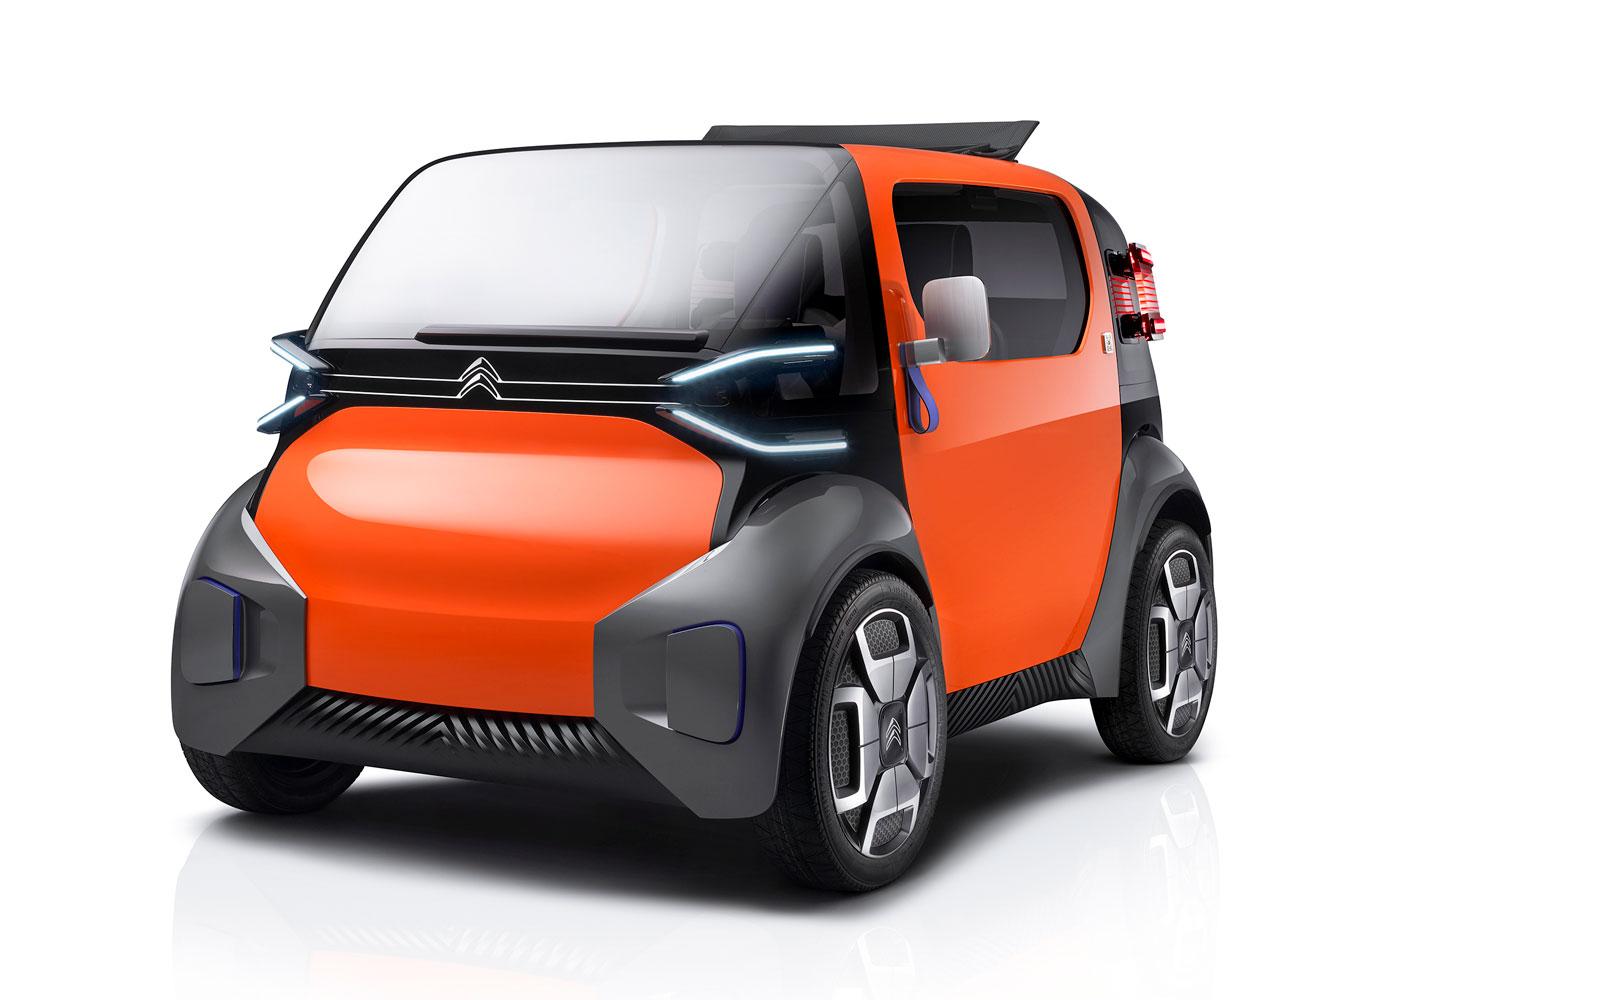 citro n ami one concept pour ses 100 ans citro n a con u un concept pas car topgear. Black Bedroom Furniture Sets. Home Design Ideas